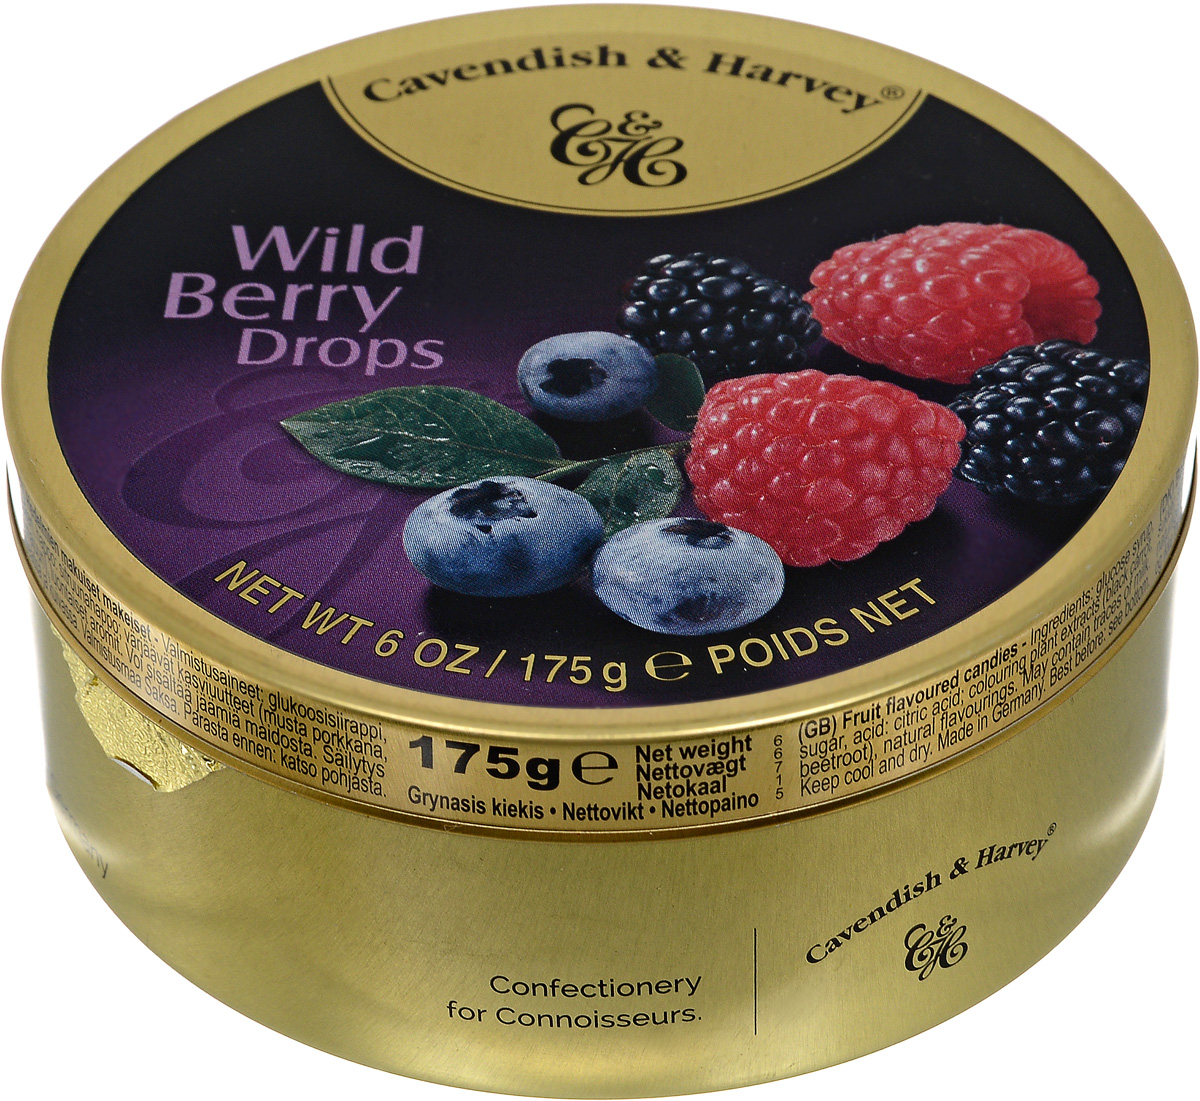 Cavendish & Harvey Лесные ягоды леденцы, 175 г6.3.30/1Вкуснейшие леденцы Cavendish & Harvey позволят вернуть яркое лето! Сочный микс из лесных ягод - это то, что нужно любителям изысканных десертов. Лесные ягоды - вкус самой природы.Эти конфеты очень удобно брать с собой в путешествие, возить в автомобиле и хранить на рабочем месте, поскольку жестяная банка надежно закрывается и не занимает много места.Уважаемые клиенты! Обращаем ваше внимание, что полный перечень состава продукта представлен на дополнительном изображении.